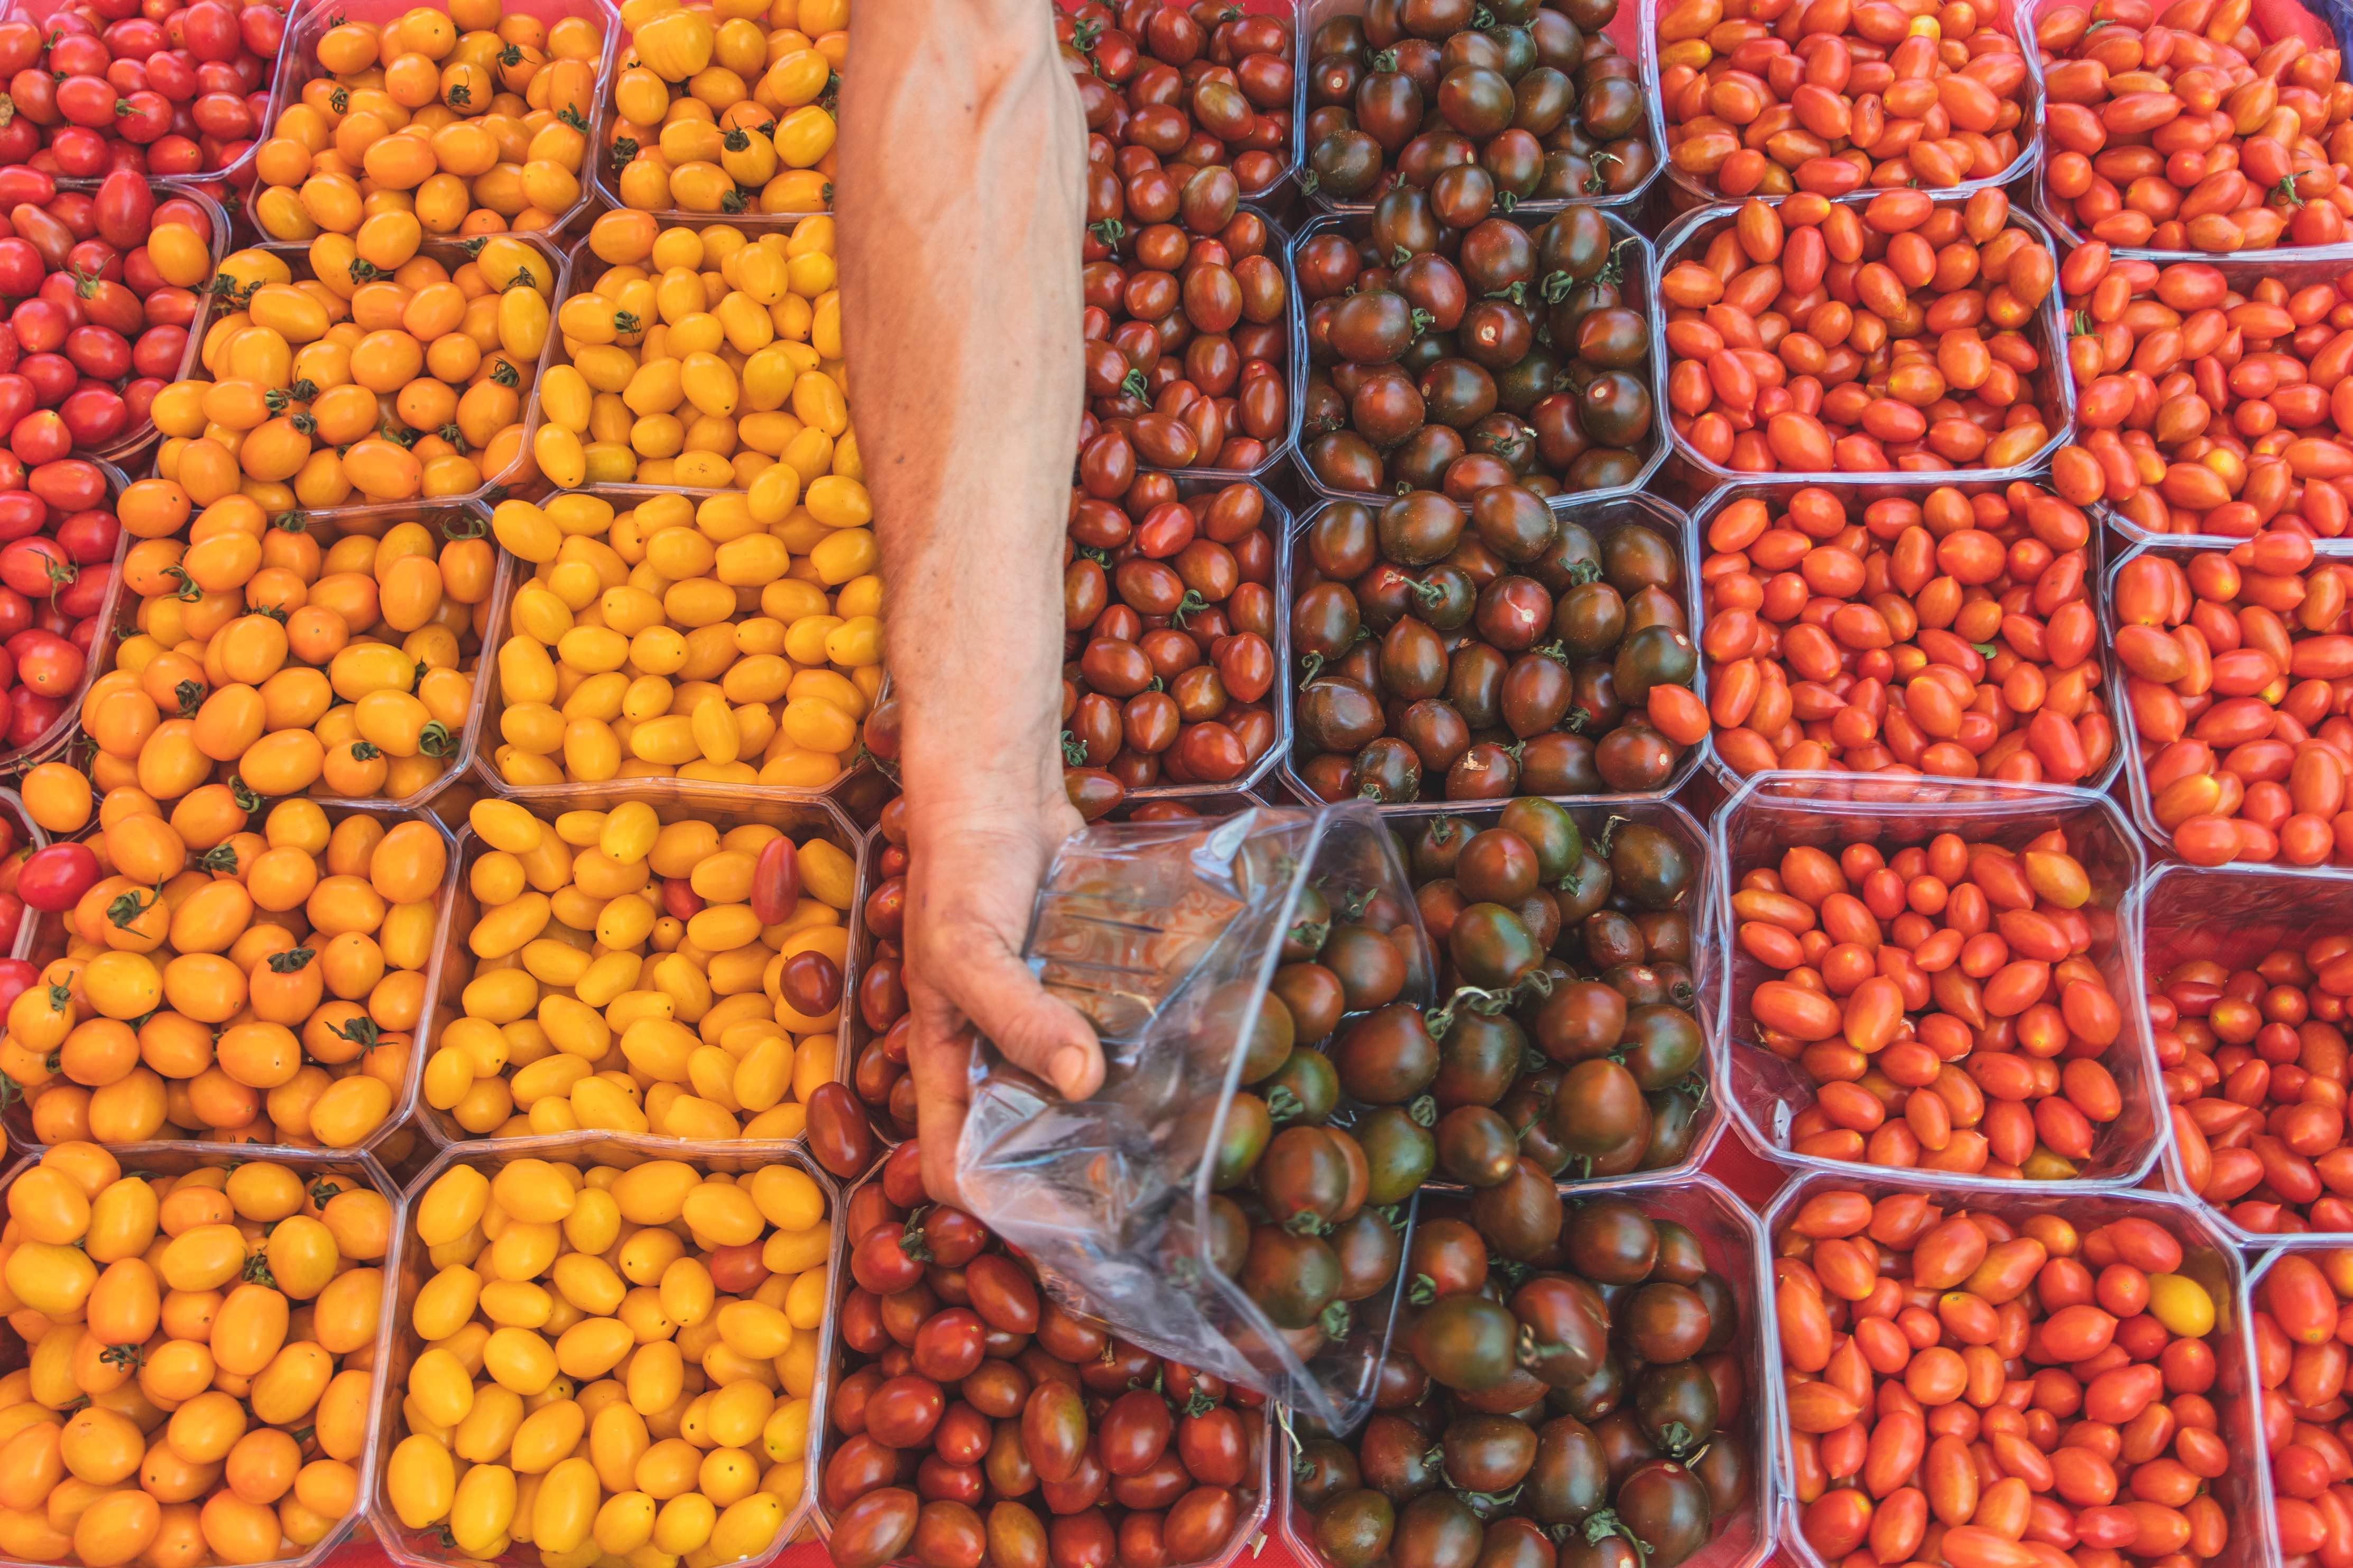 תוצרת ישראלית היישר מהשדה, צילום: באדיבות שוק האיכרים